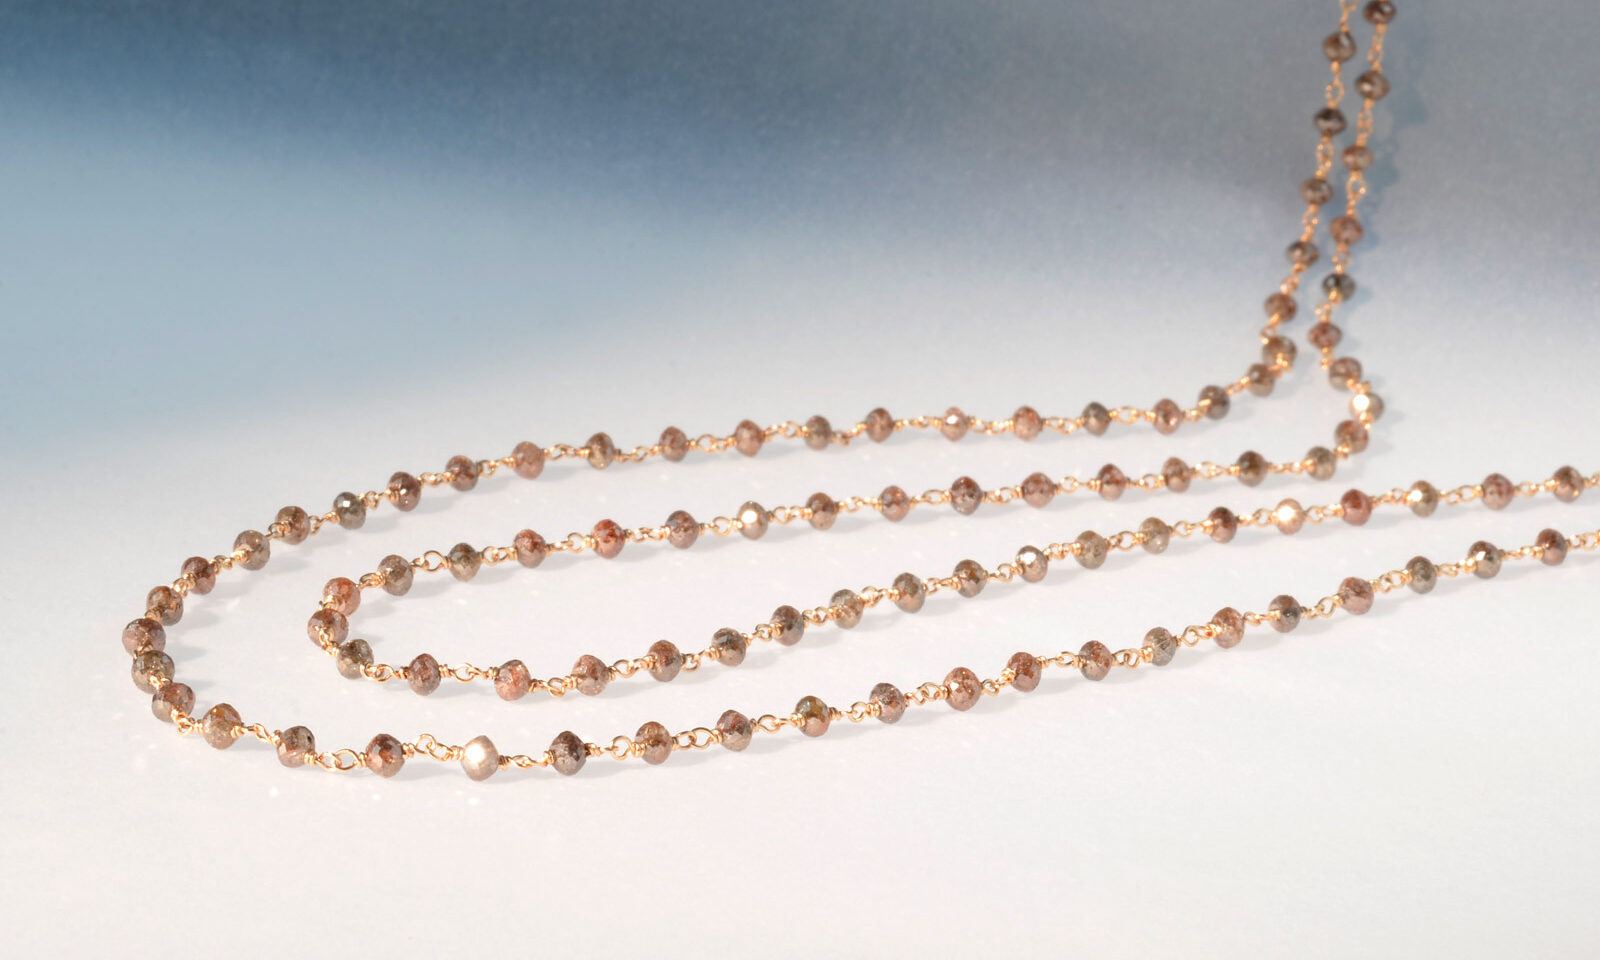 Diamkette braun rg. Kette Diamant braun naturfarben d 3 mm, 27.73 ct., von Hand montiert auf Draht aus Rotgold 750, Länge 118 cm, CHF 5900.-